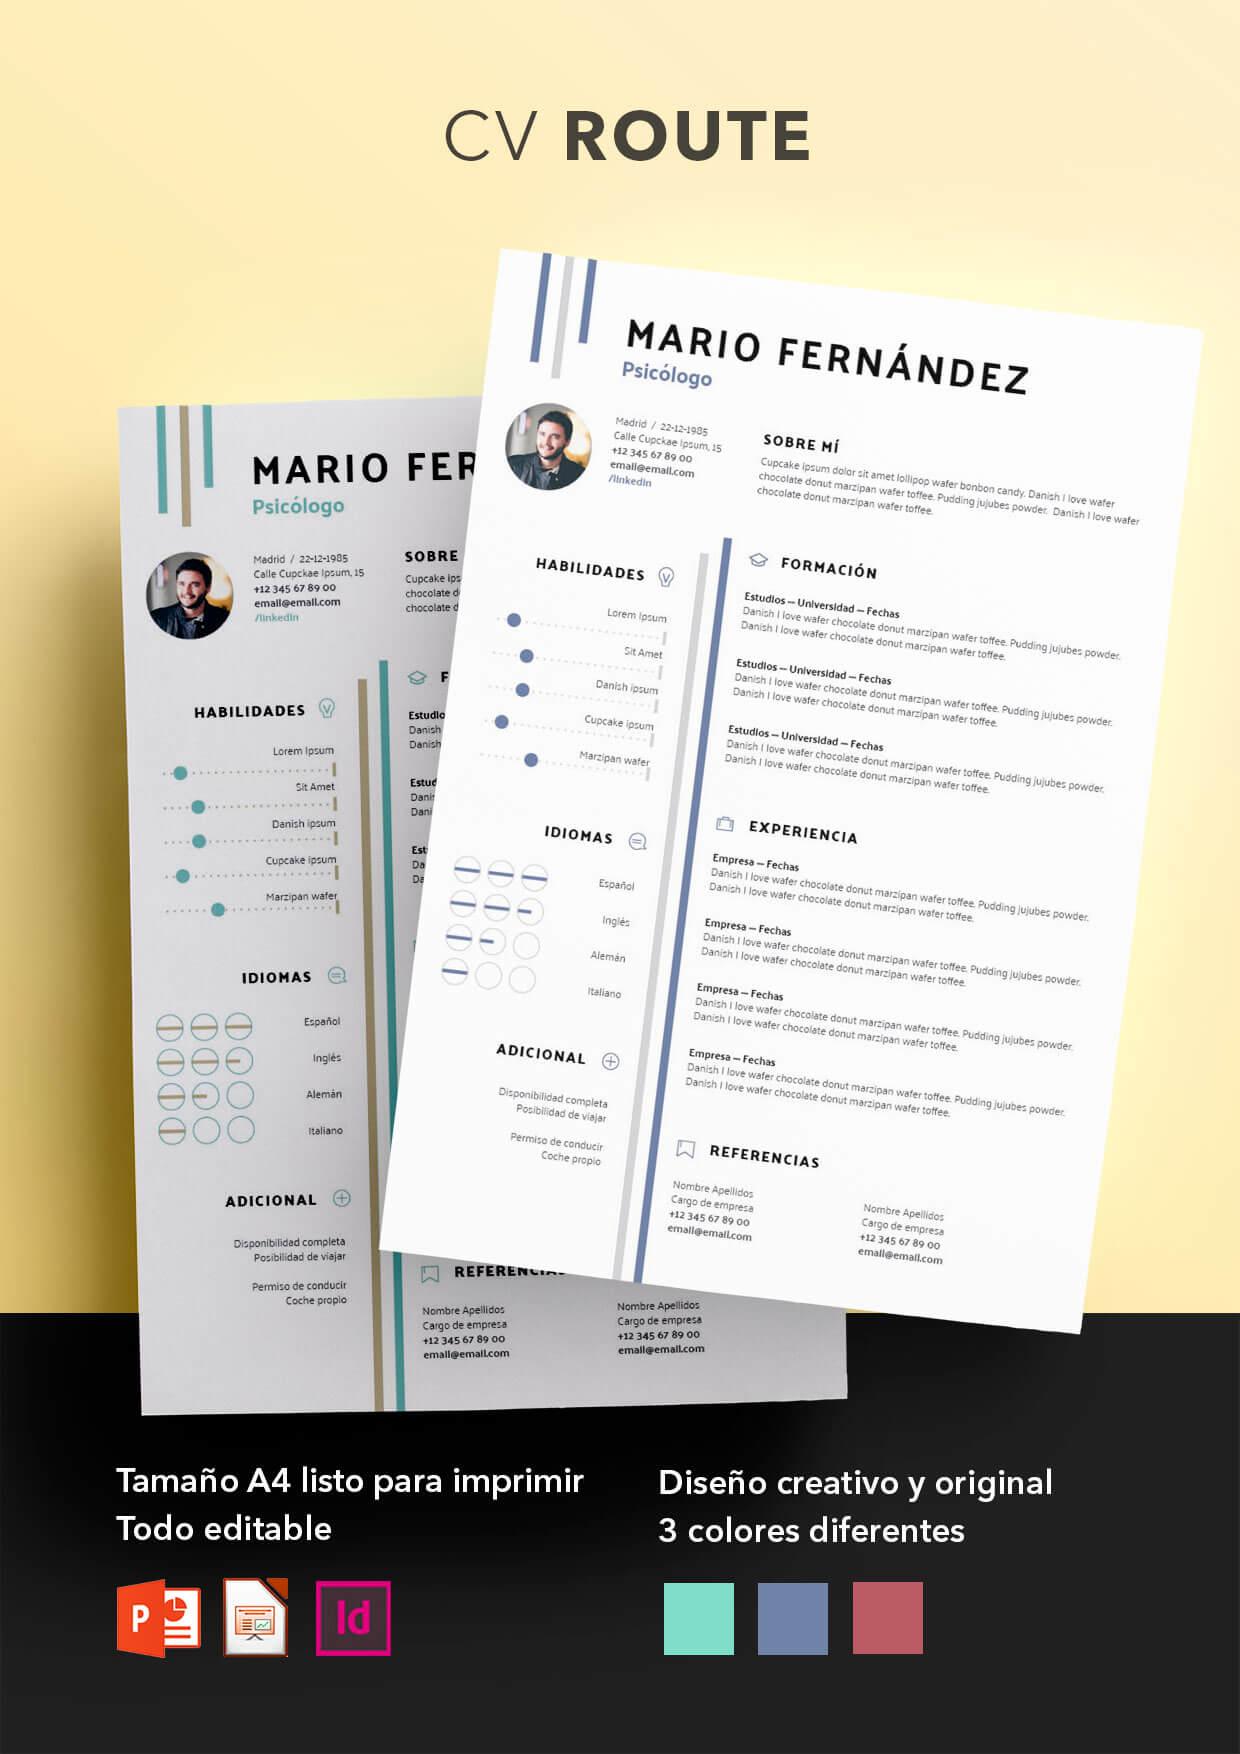 curriculum vitae modelo 2019 argentina